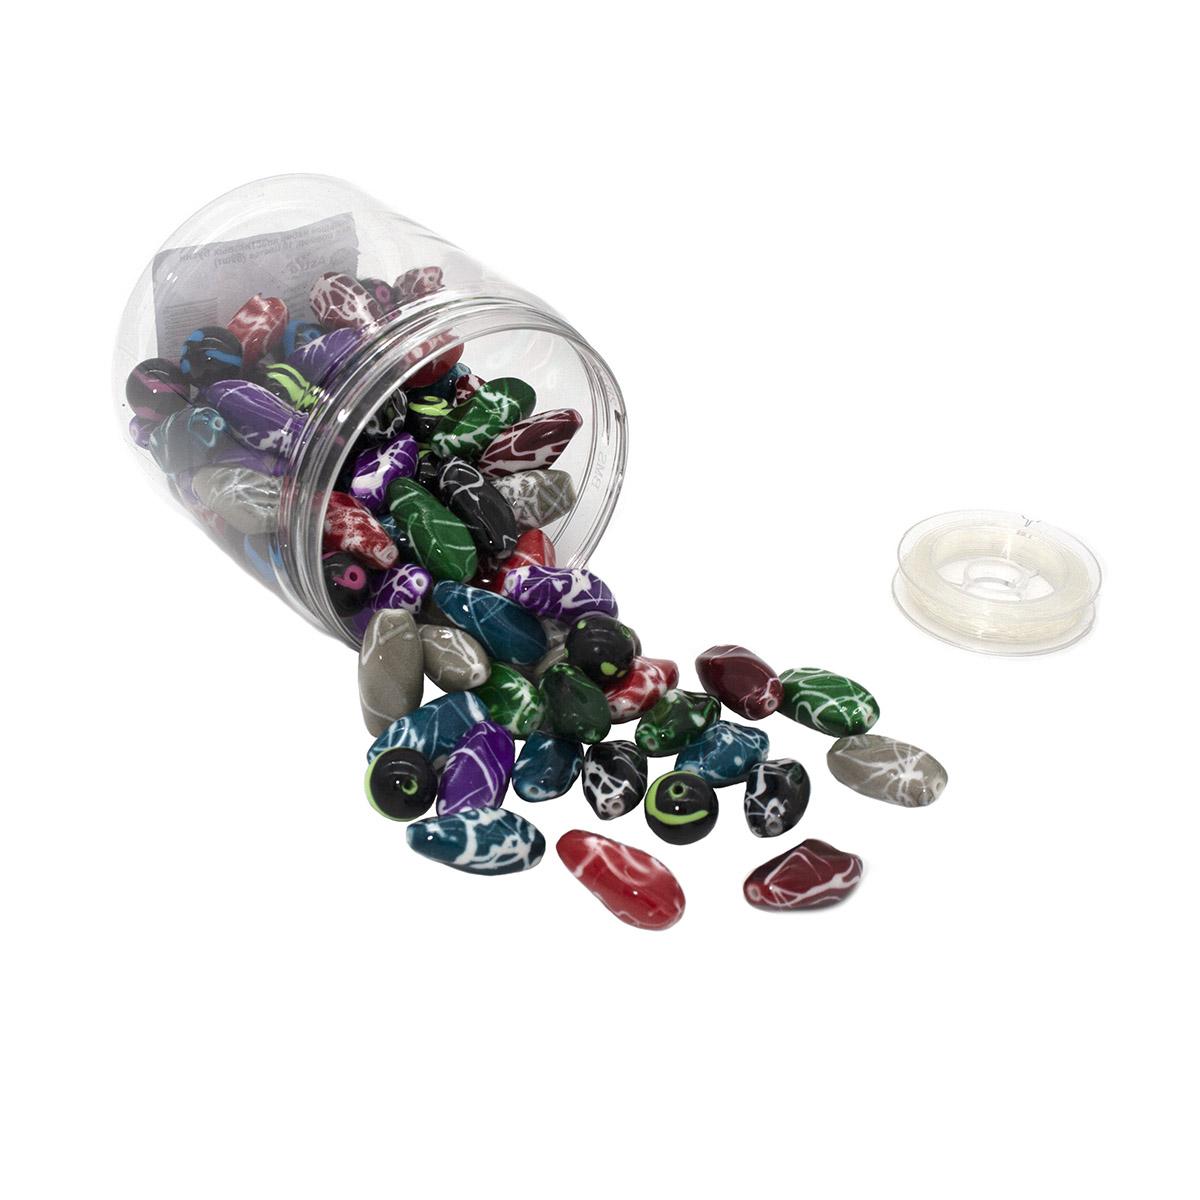 Большой набор пластиковых бусин под мрамор, 10 цветов по 25гр. (89шт), Астра